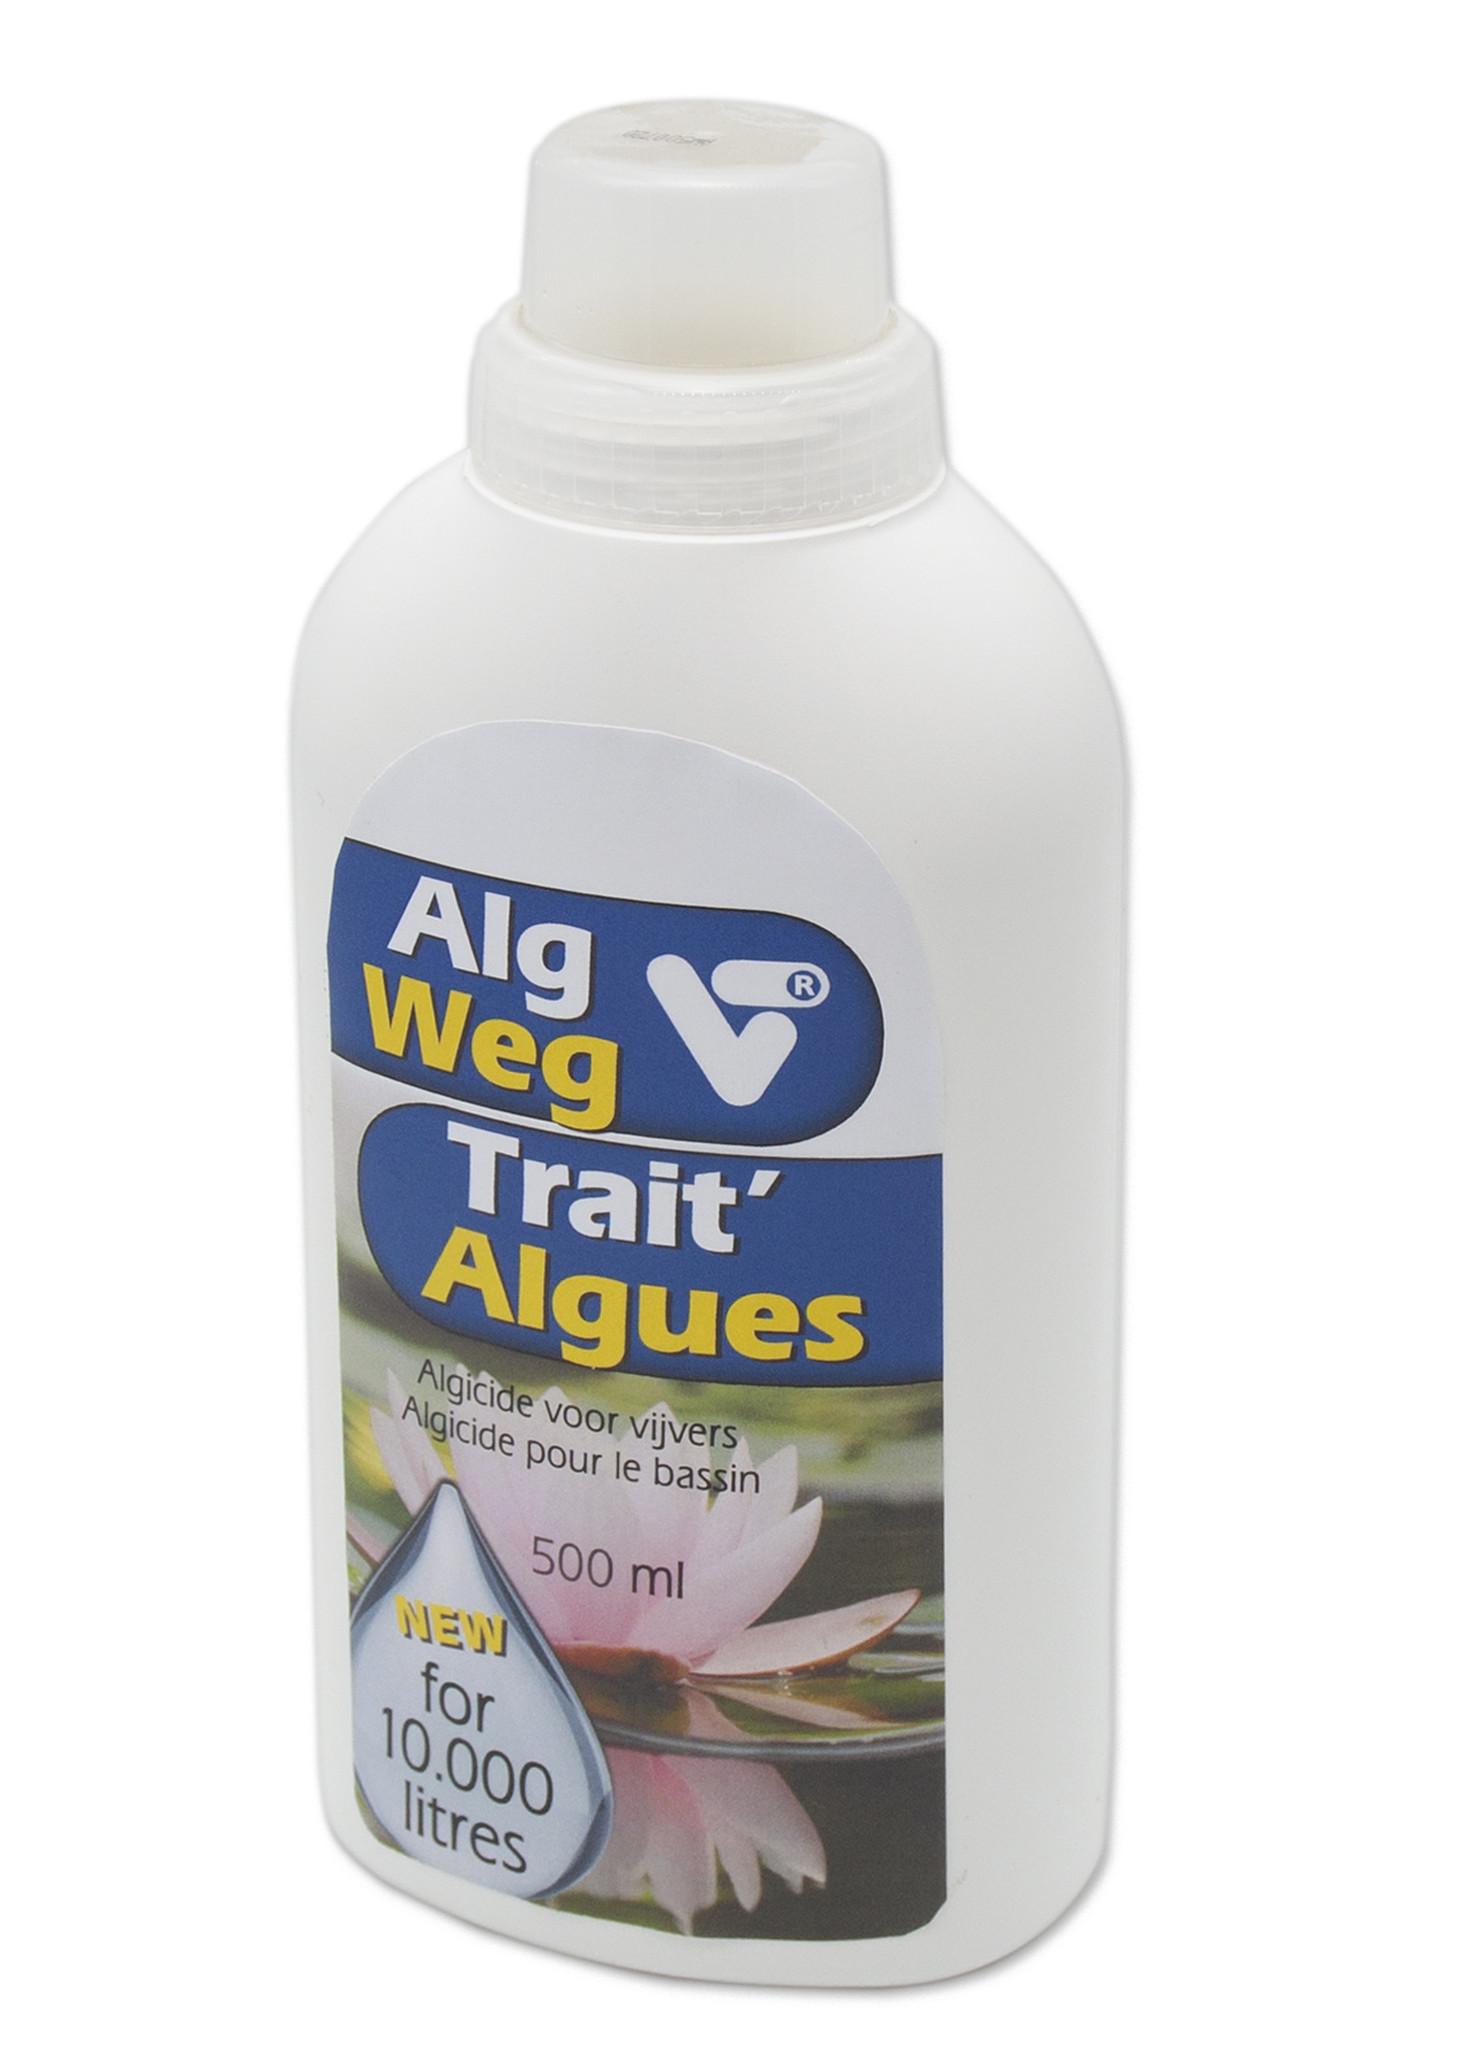 Algweg Liquid - 500ml | Velda